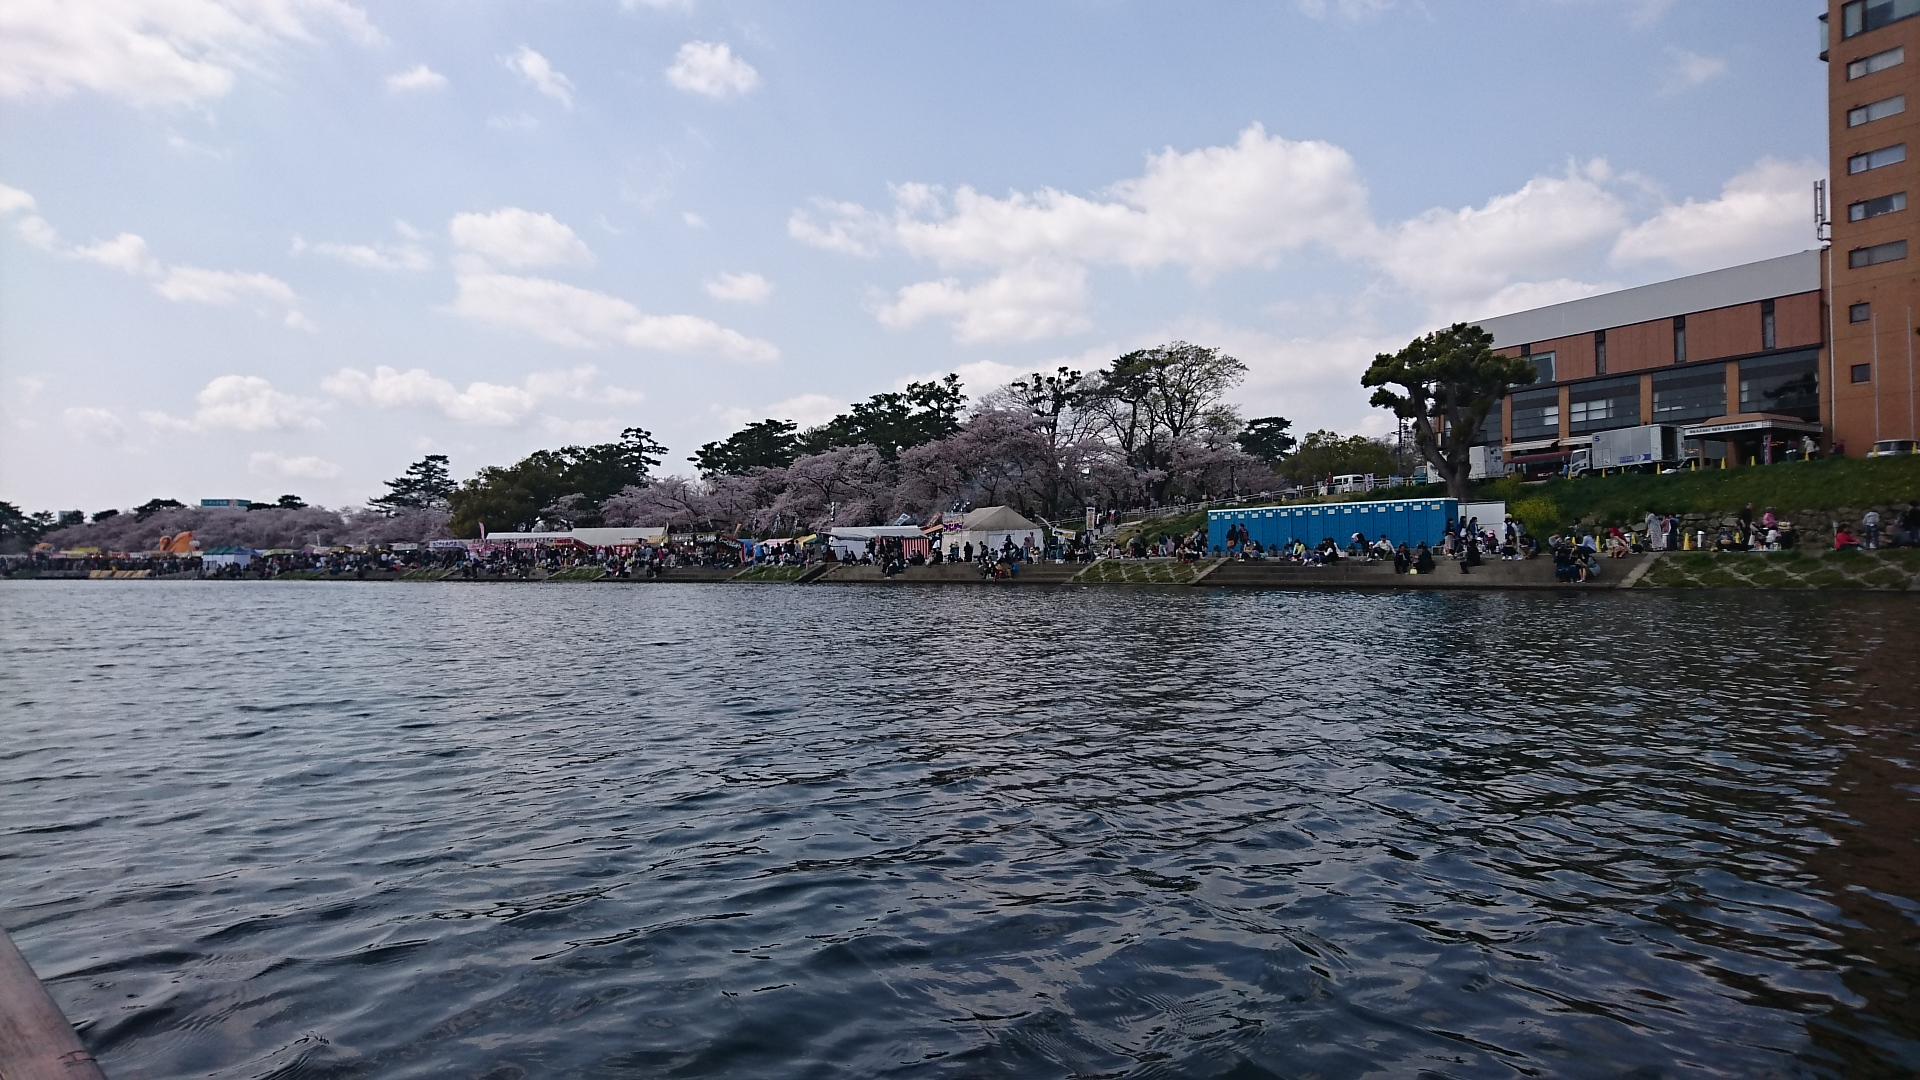 2018.3.31 岡崎ふなあそび (17) くだり 1920-1080